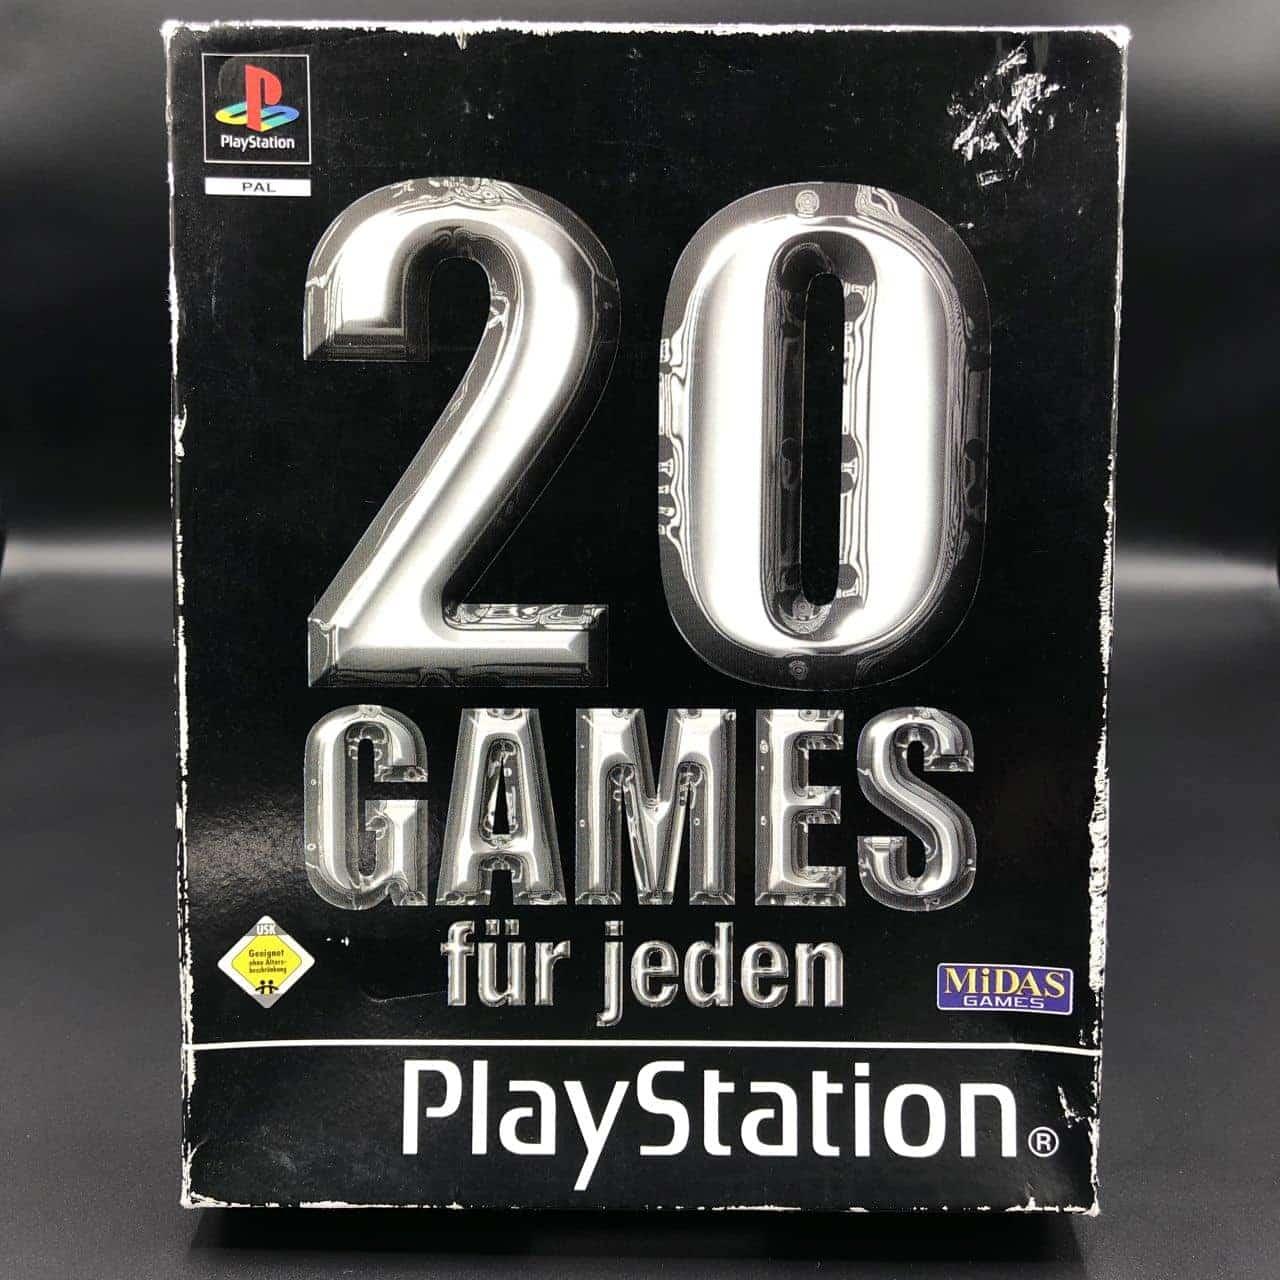 PS1 Family Games Compendium - 20 Games für jeden (Komplett) (Gebrauchsspuren) Sony PlayStation 1